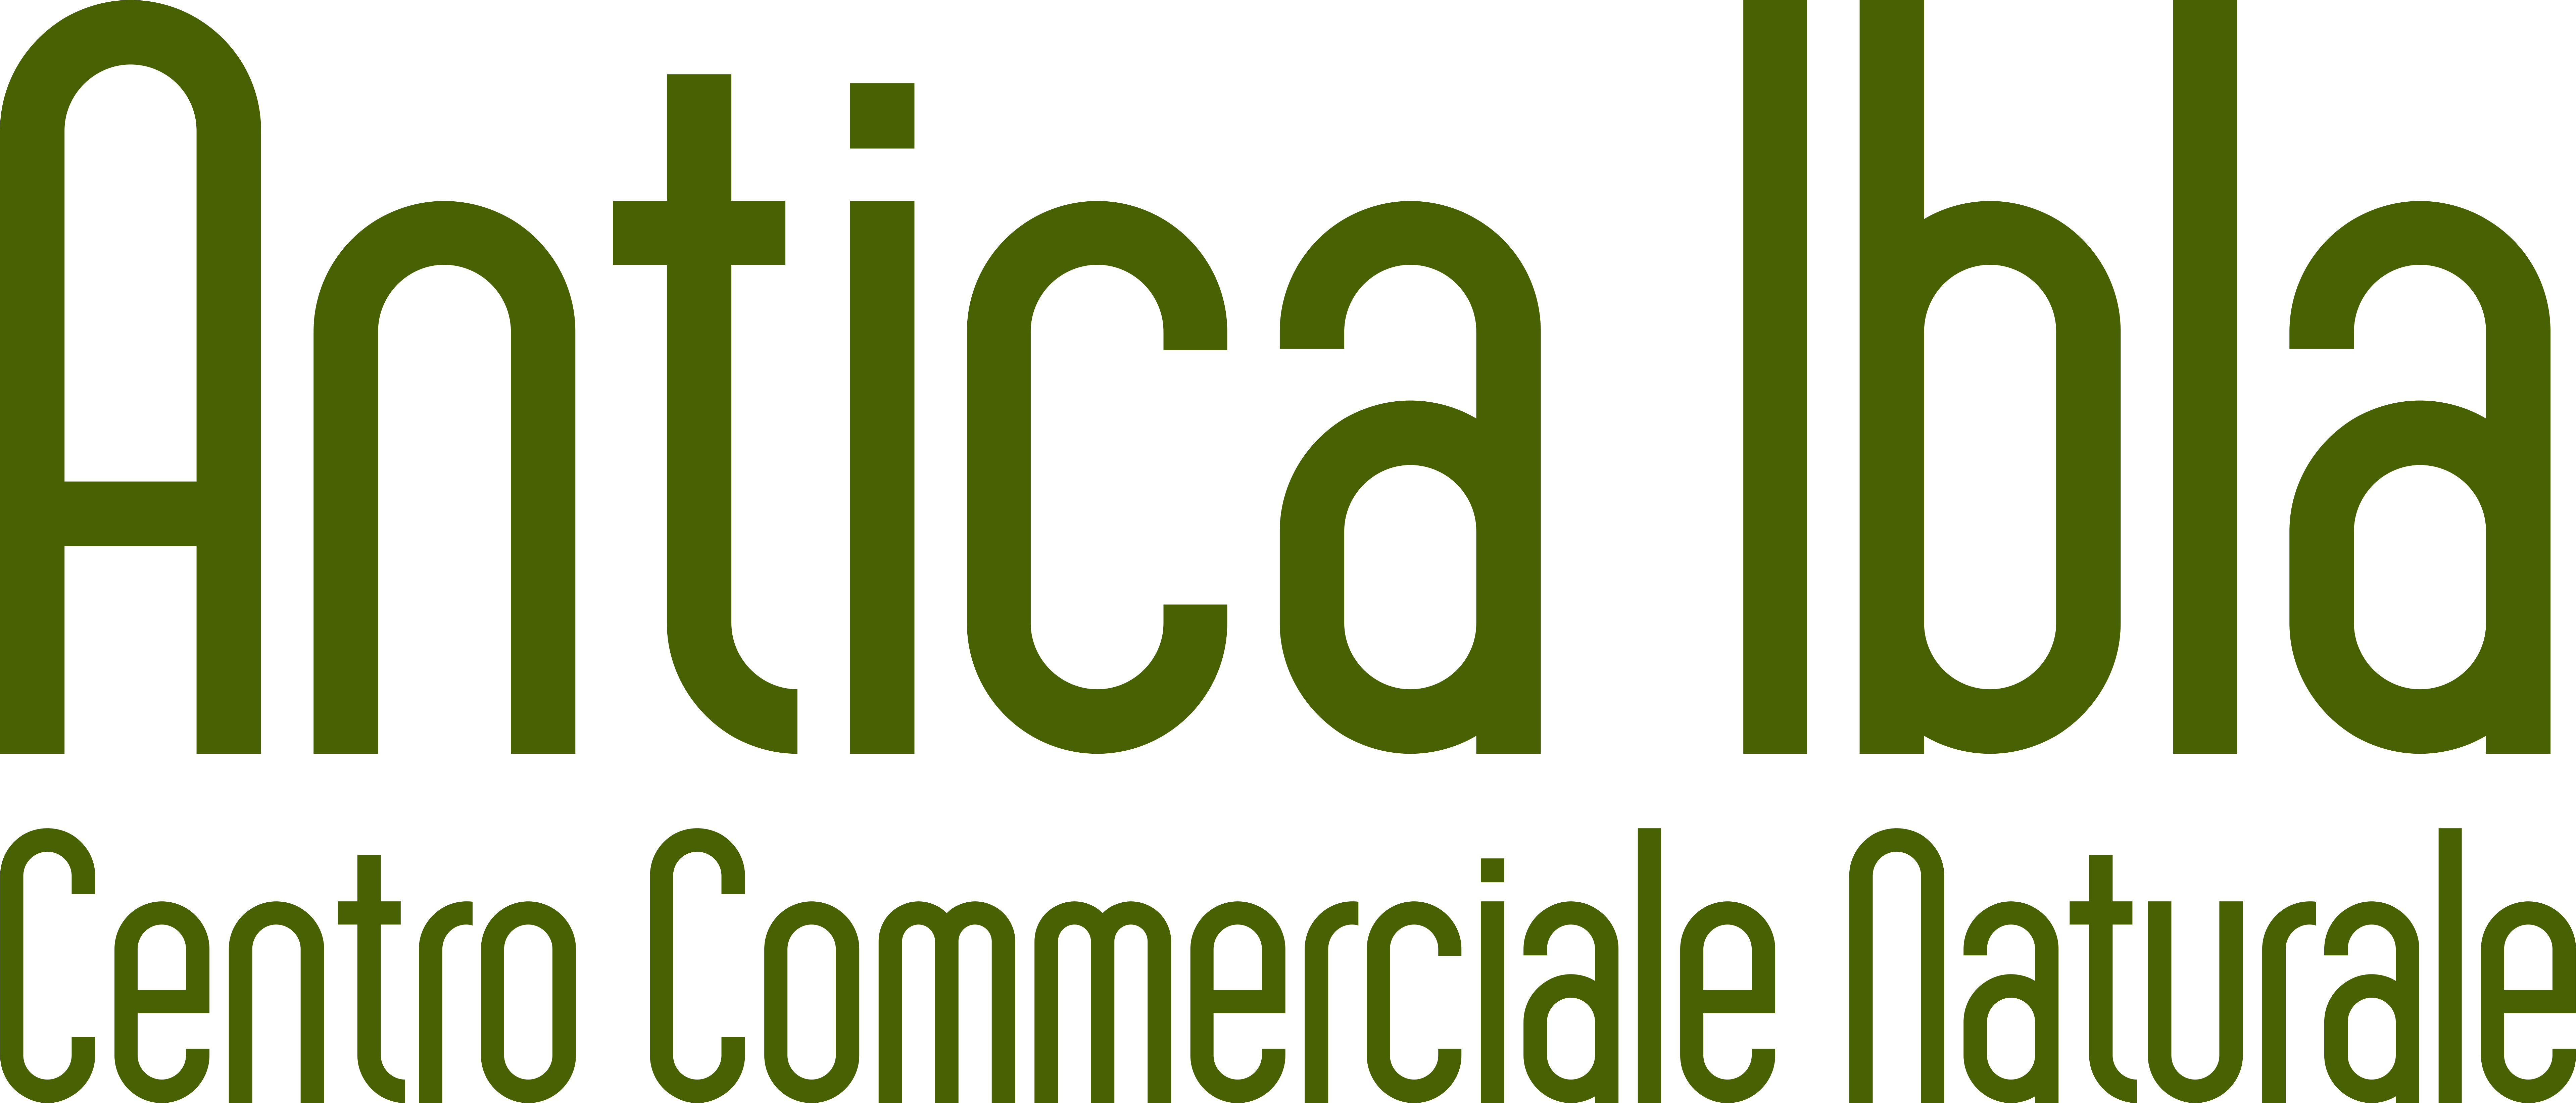 HiRagusa logo